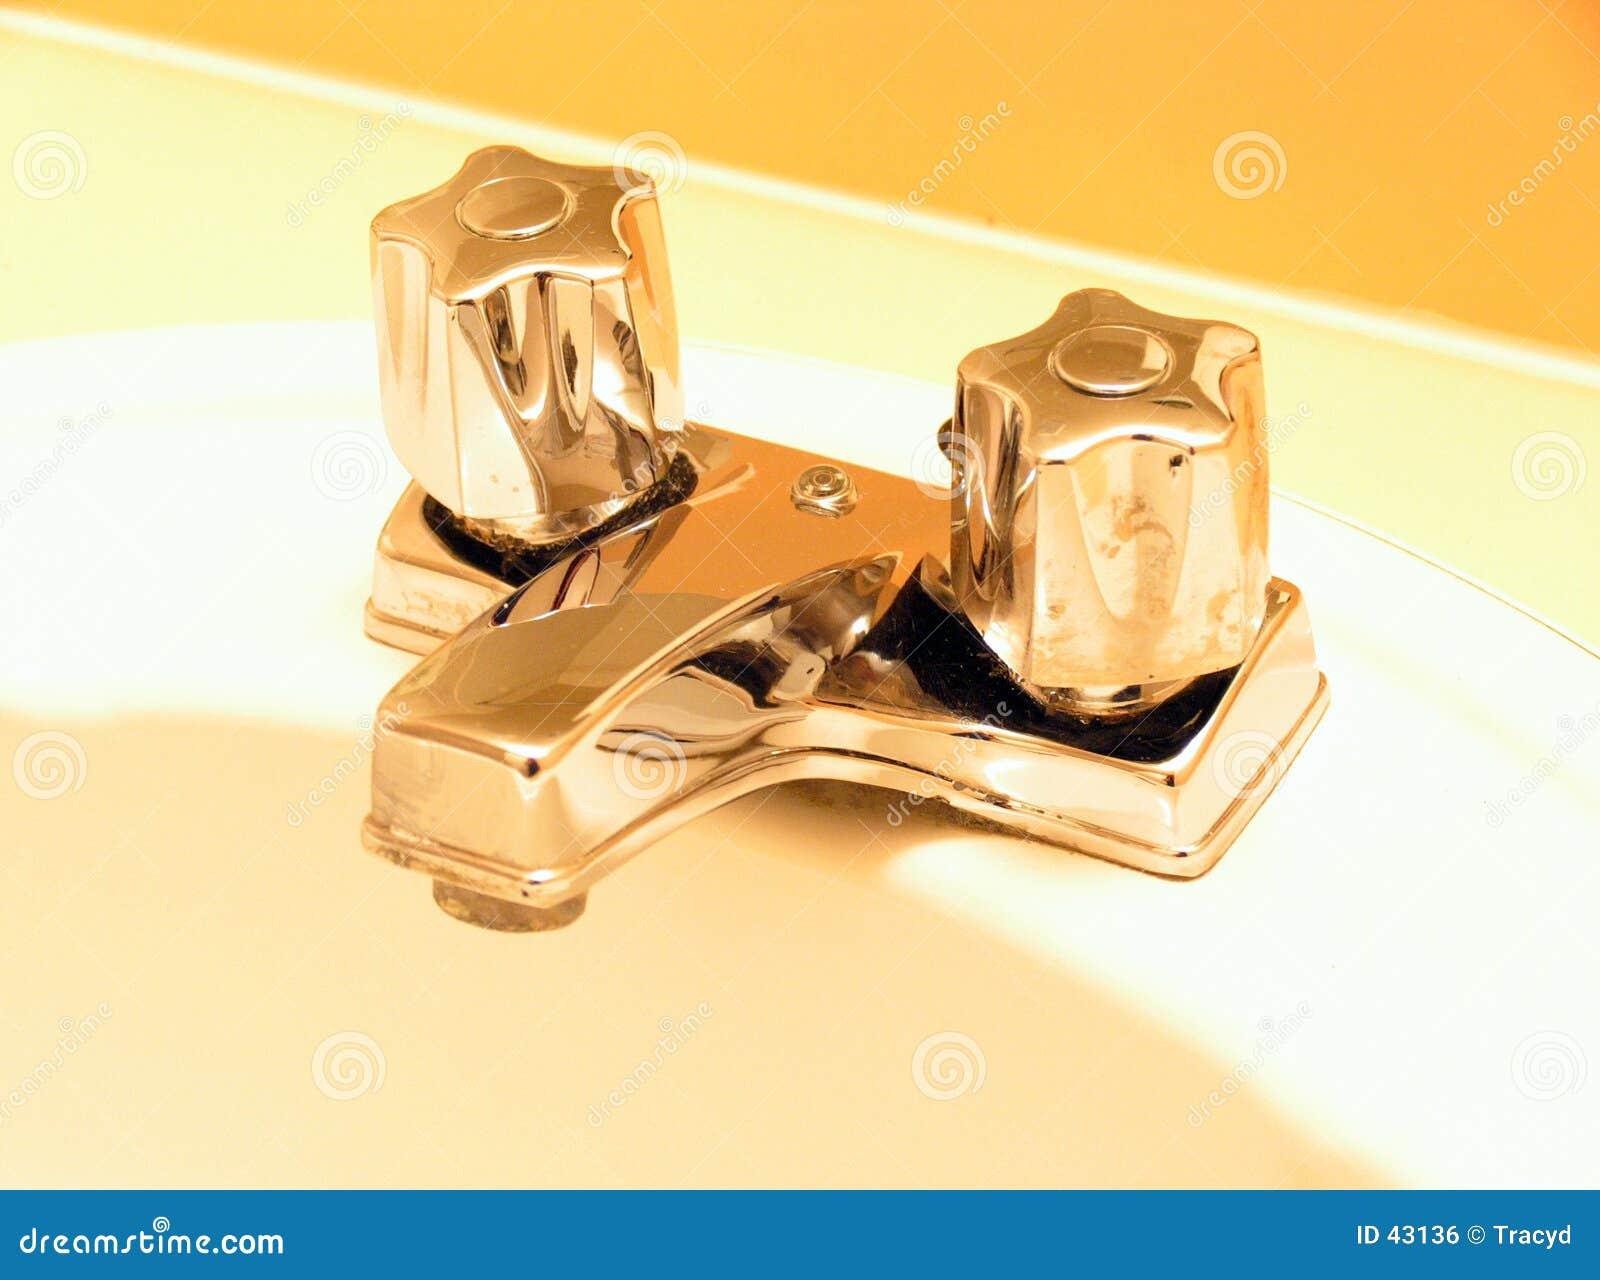 Download Golpecitos de oro foto de archivo. Imagen de bathroom, golpecito - 43136